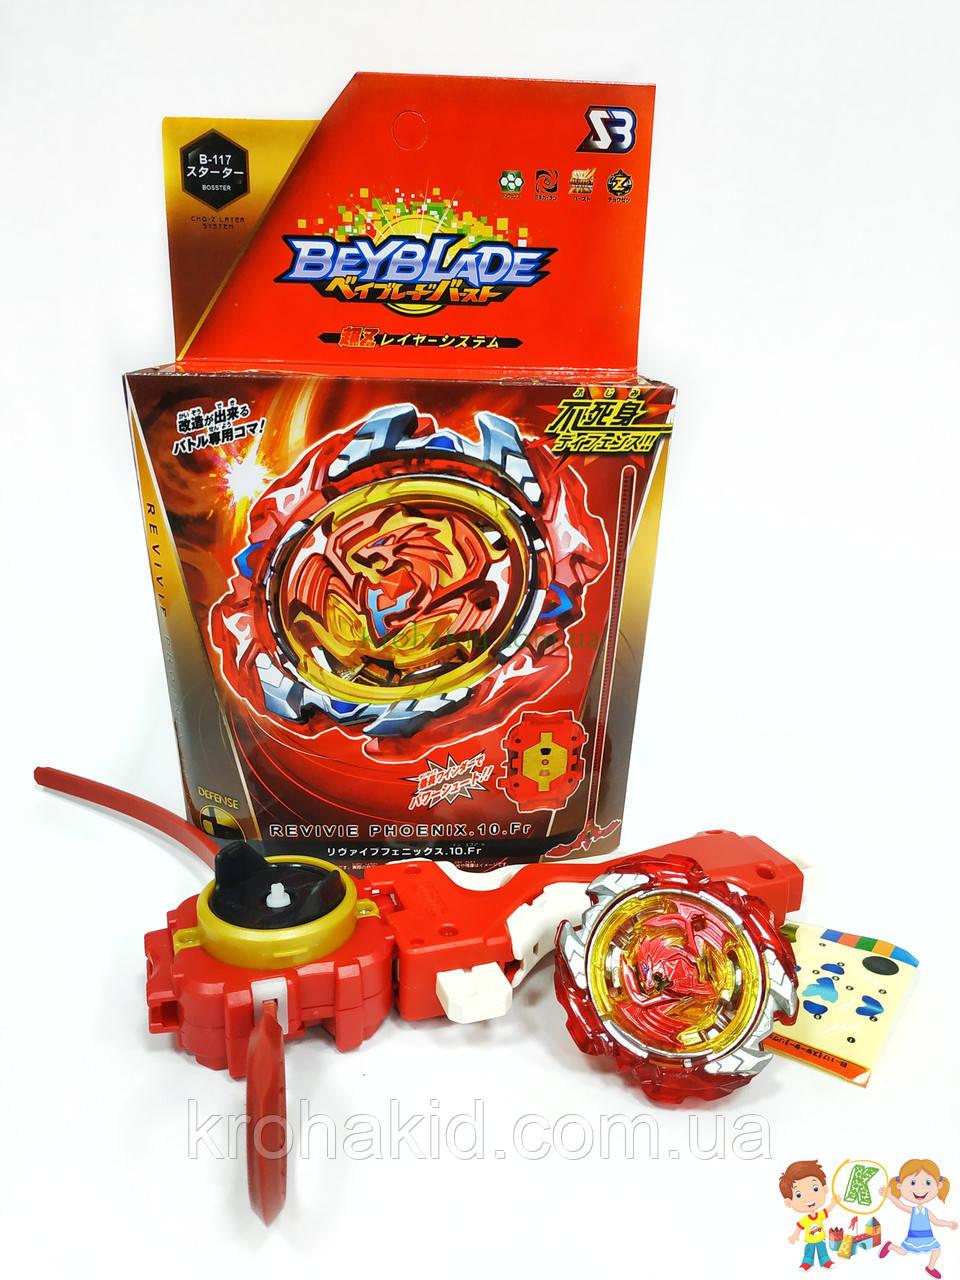 Игрушка BeyBlade Revivie Phoenix B-117 / Бейблэйд Возрождающийся Феникс (красный с желтым) SB